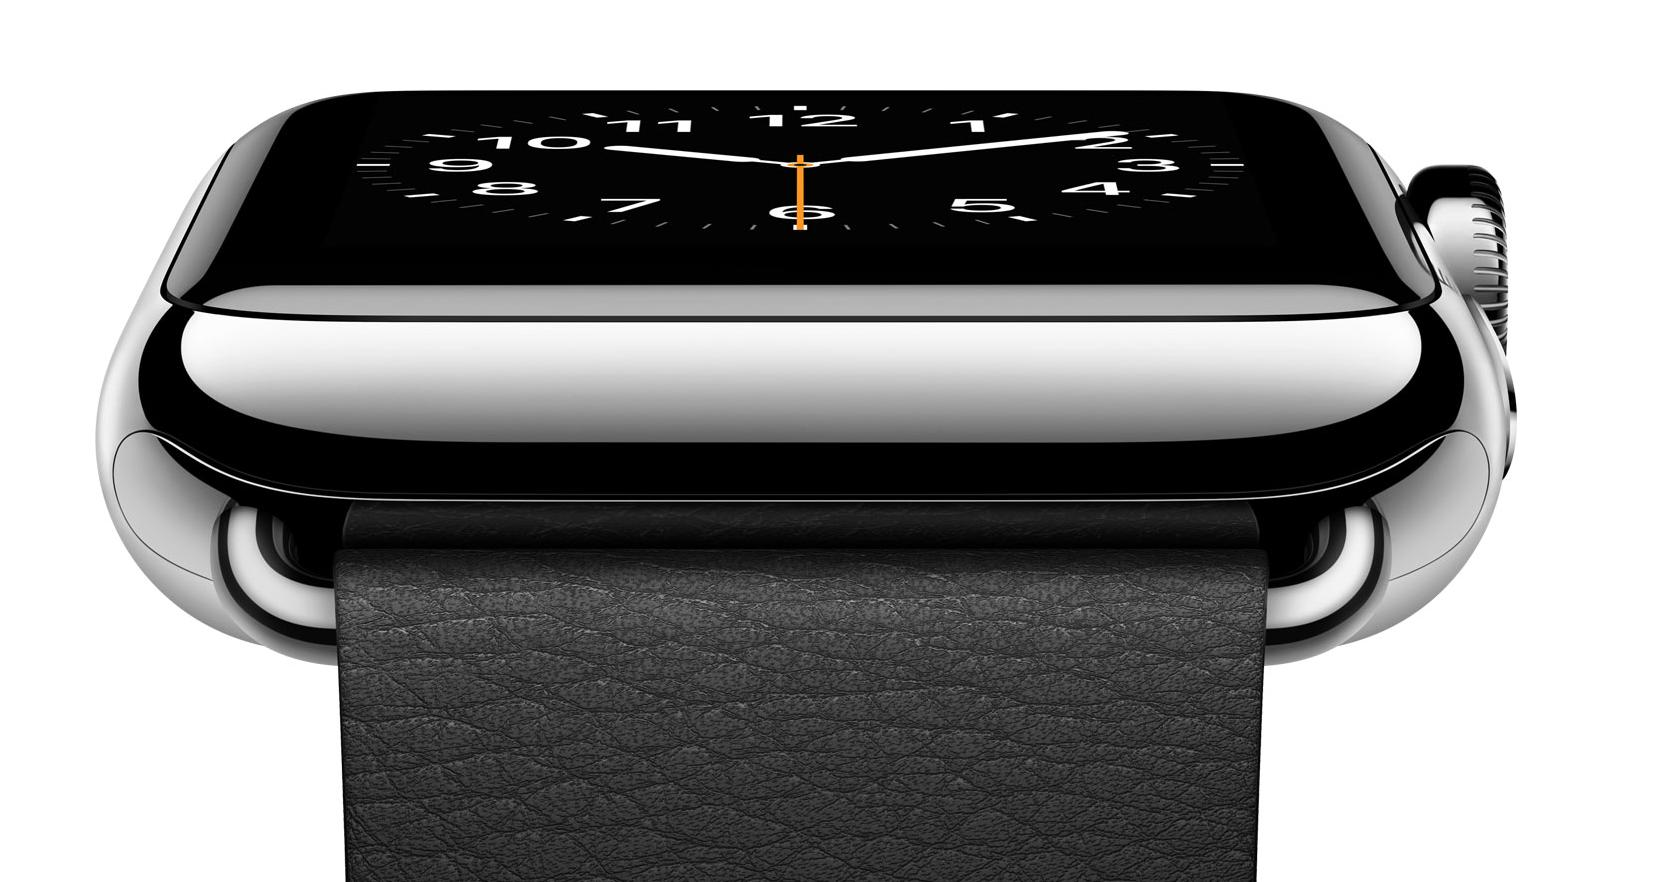 次期Apple Watchは投入が早まり今年後半に発売になる可能性が!?